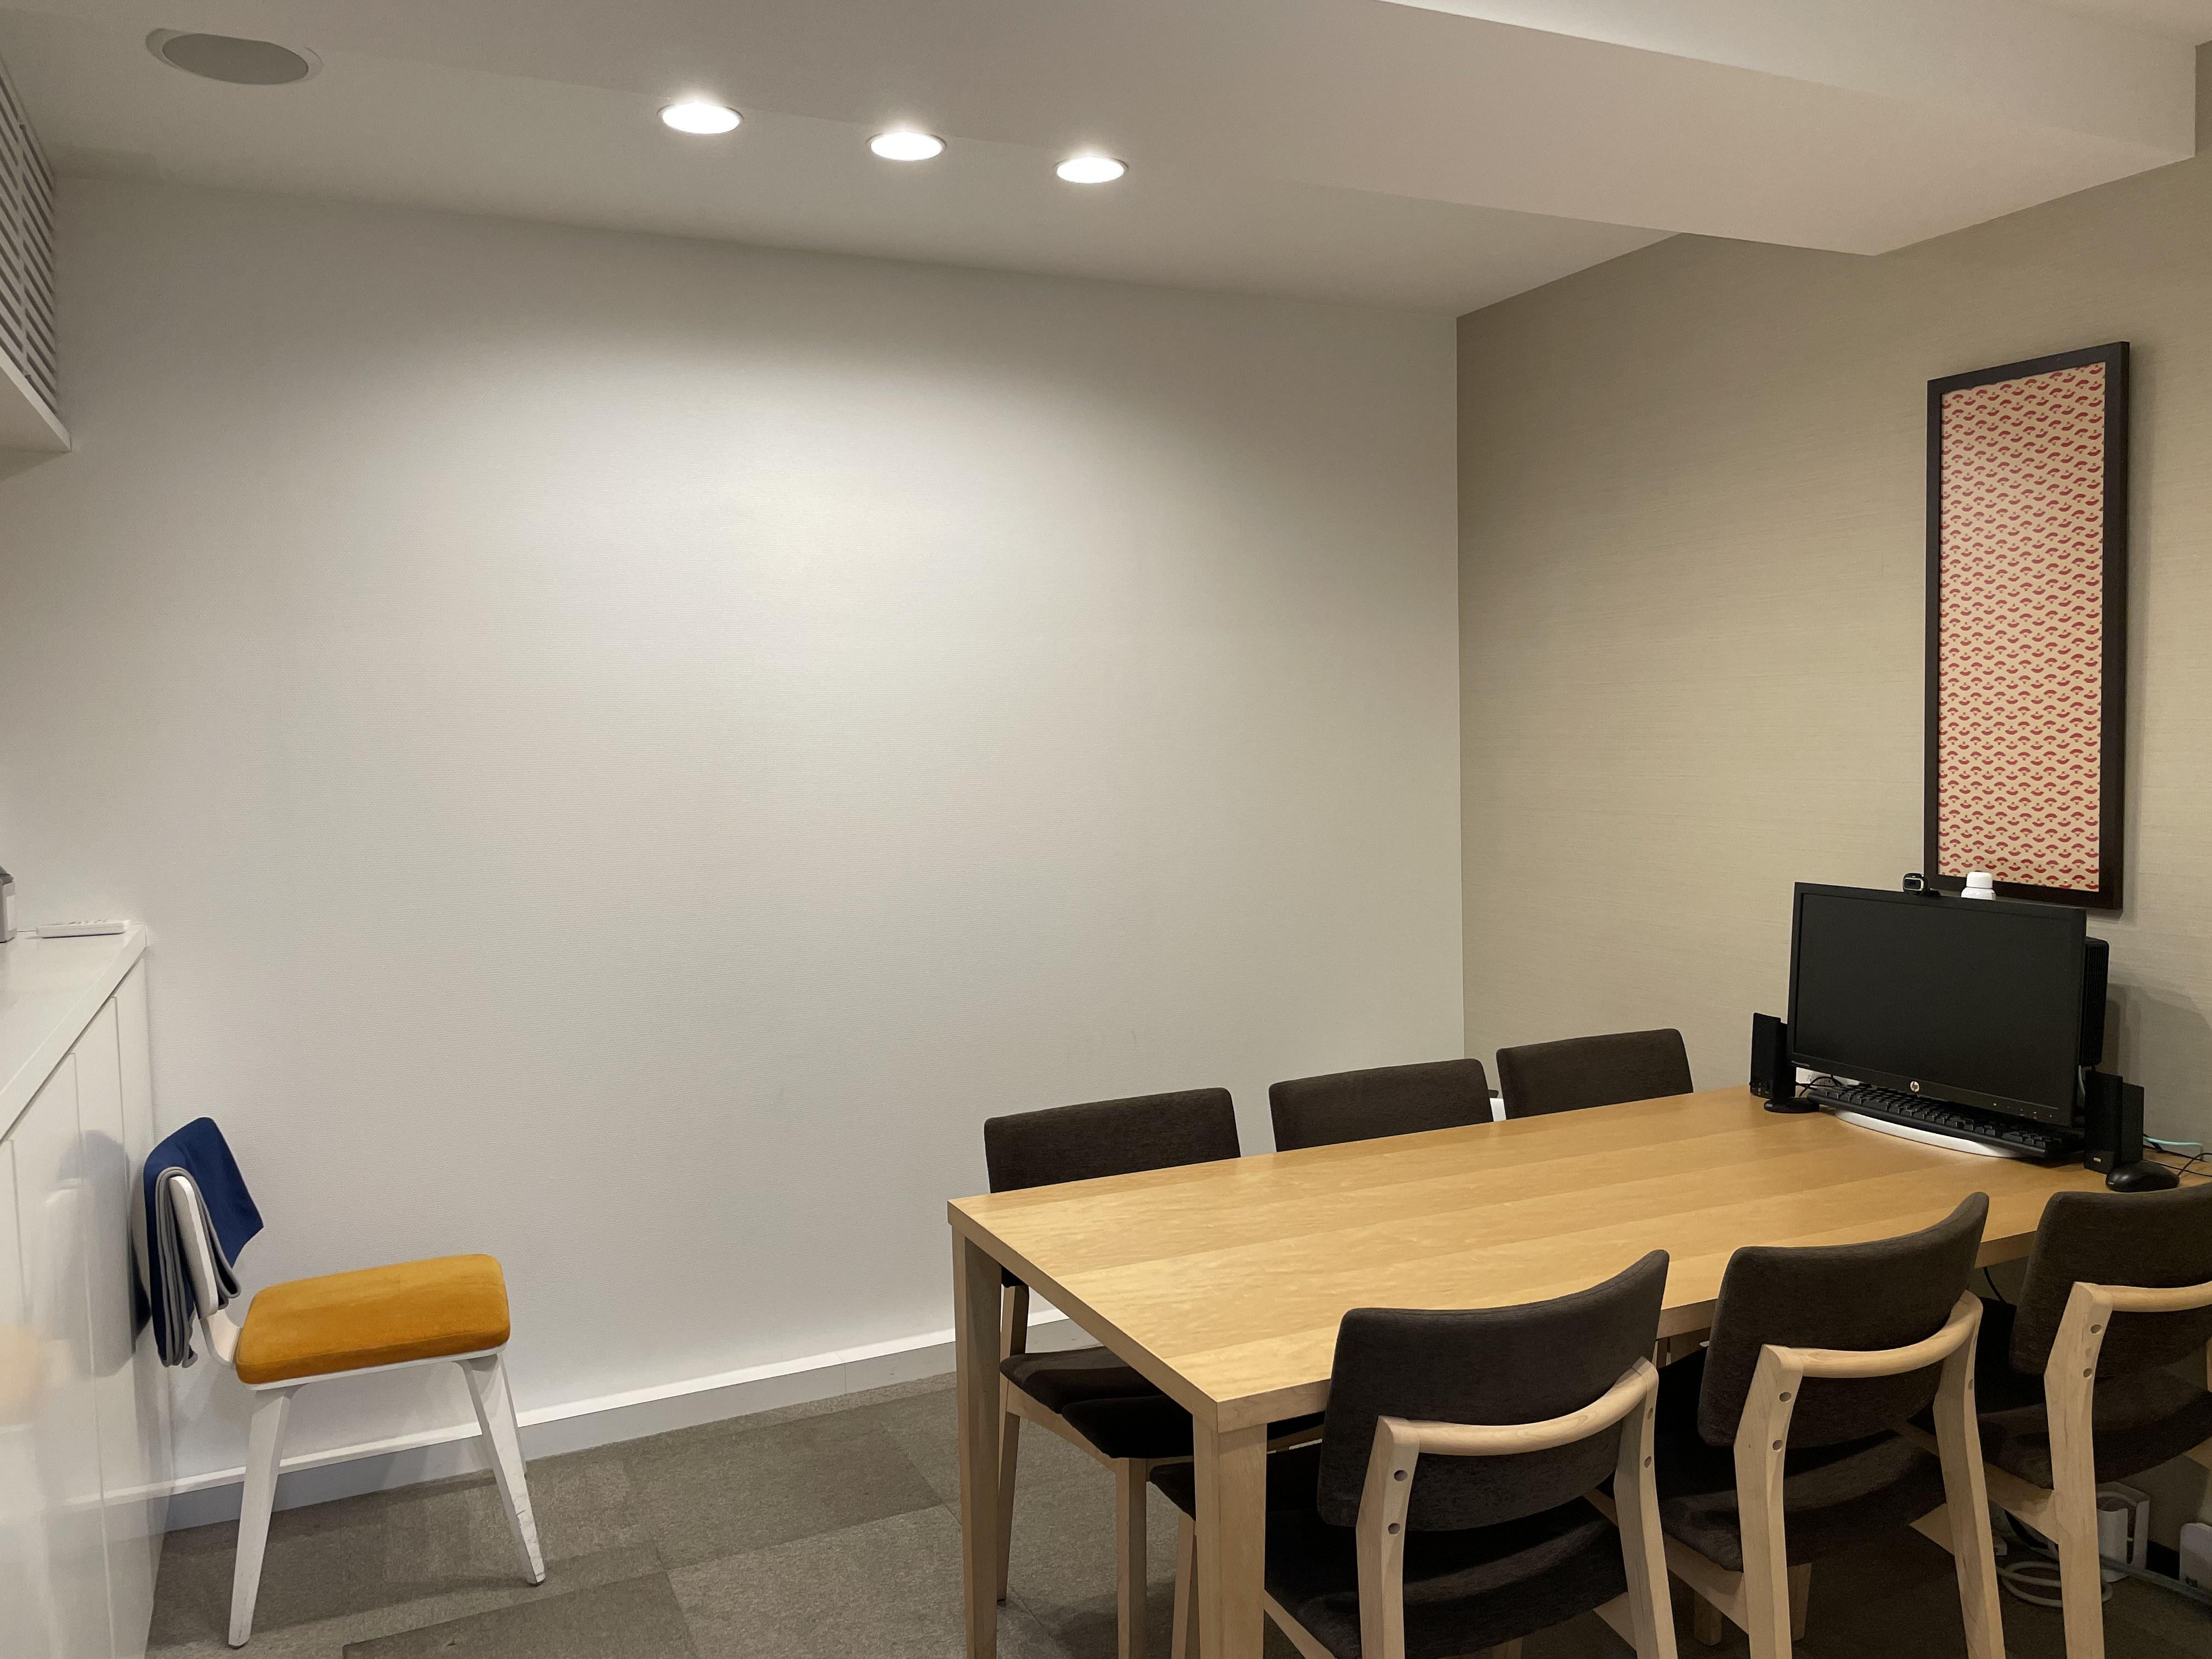 落ち着いた内装の打ち合わせコーナー。家具は実際にご購入いただくことも可能です。